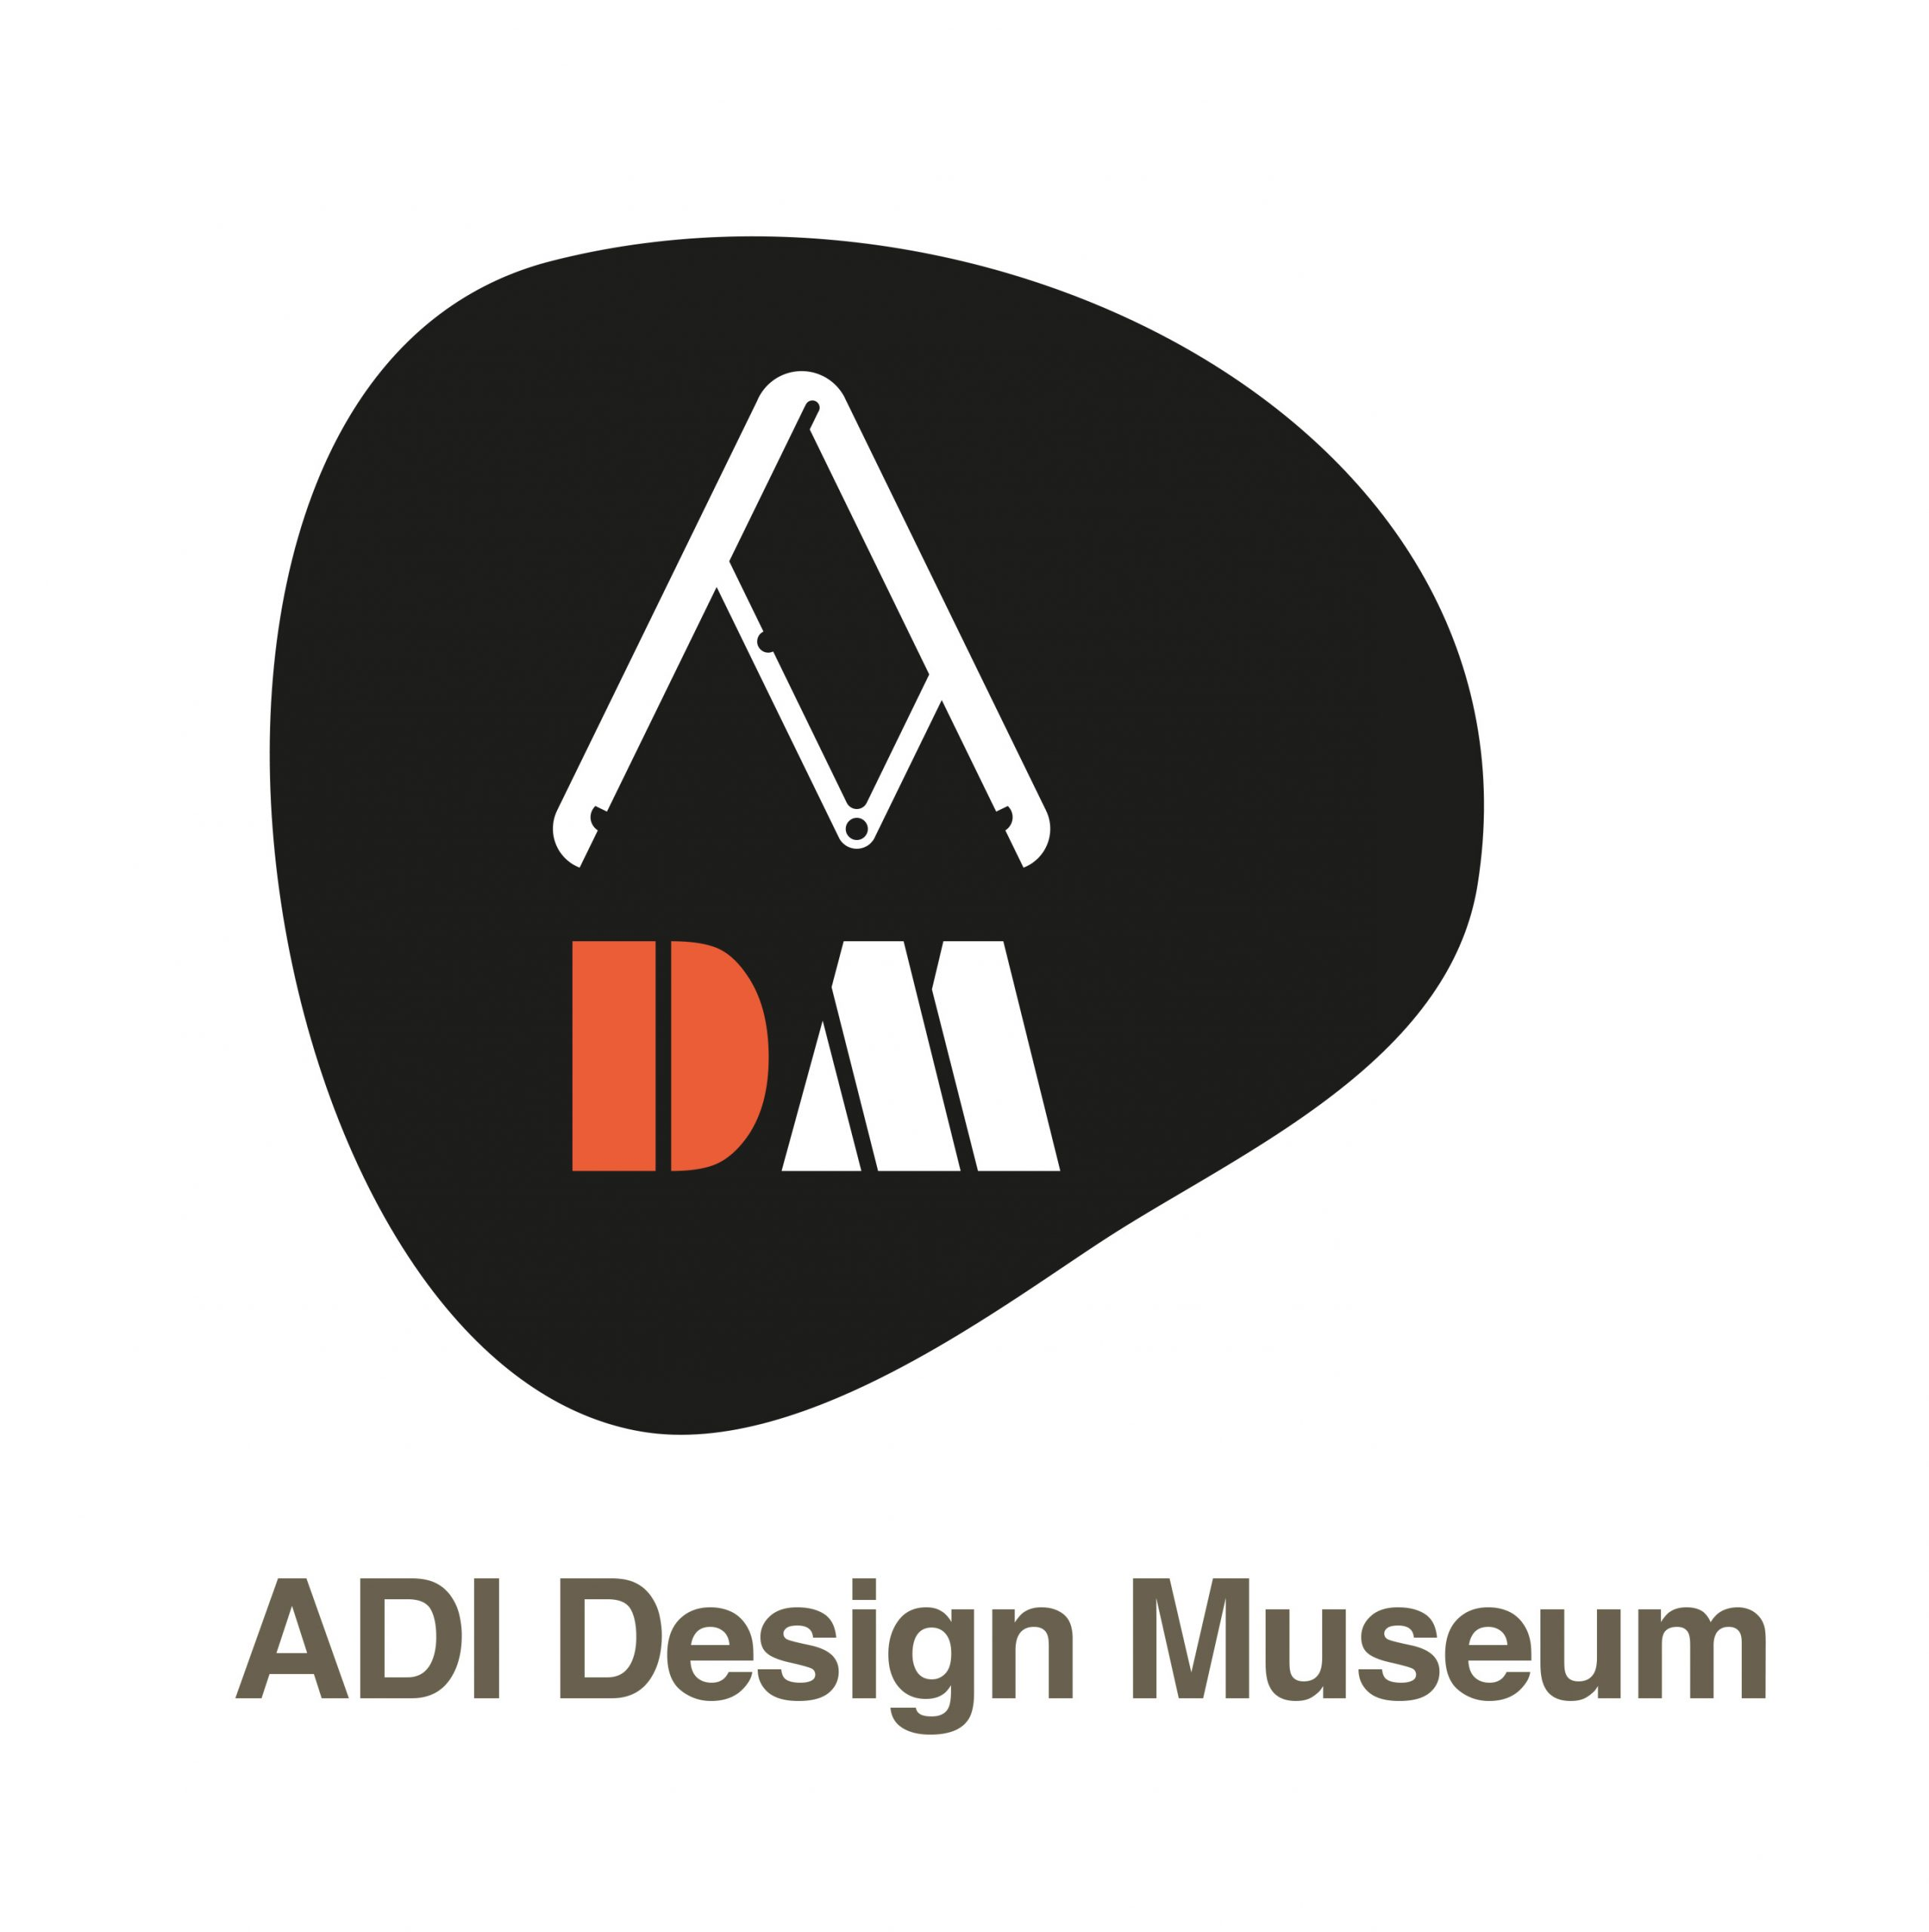 ADI DESIGN MUSEUM_28012020